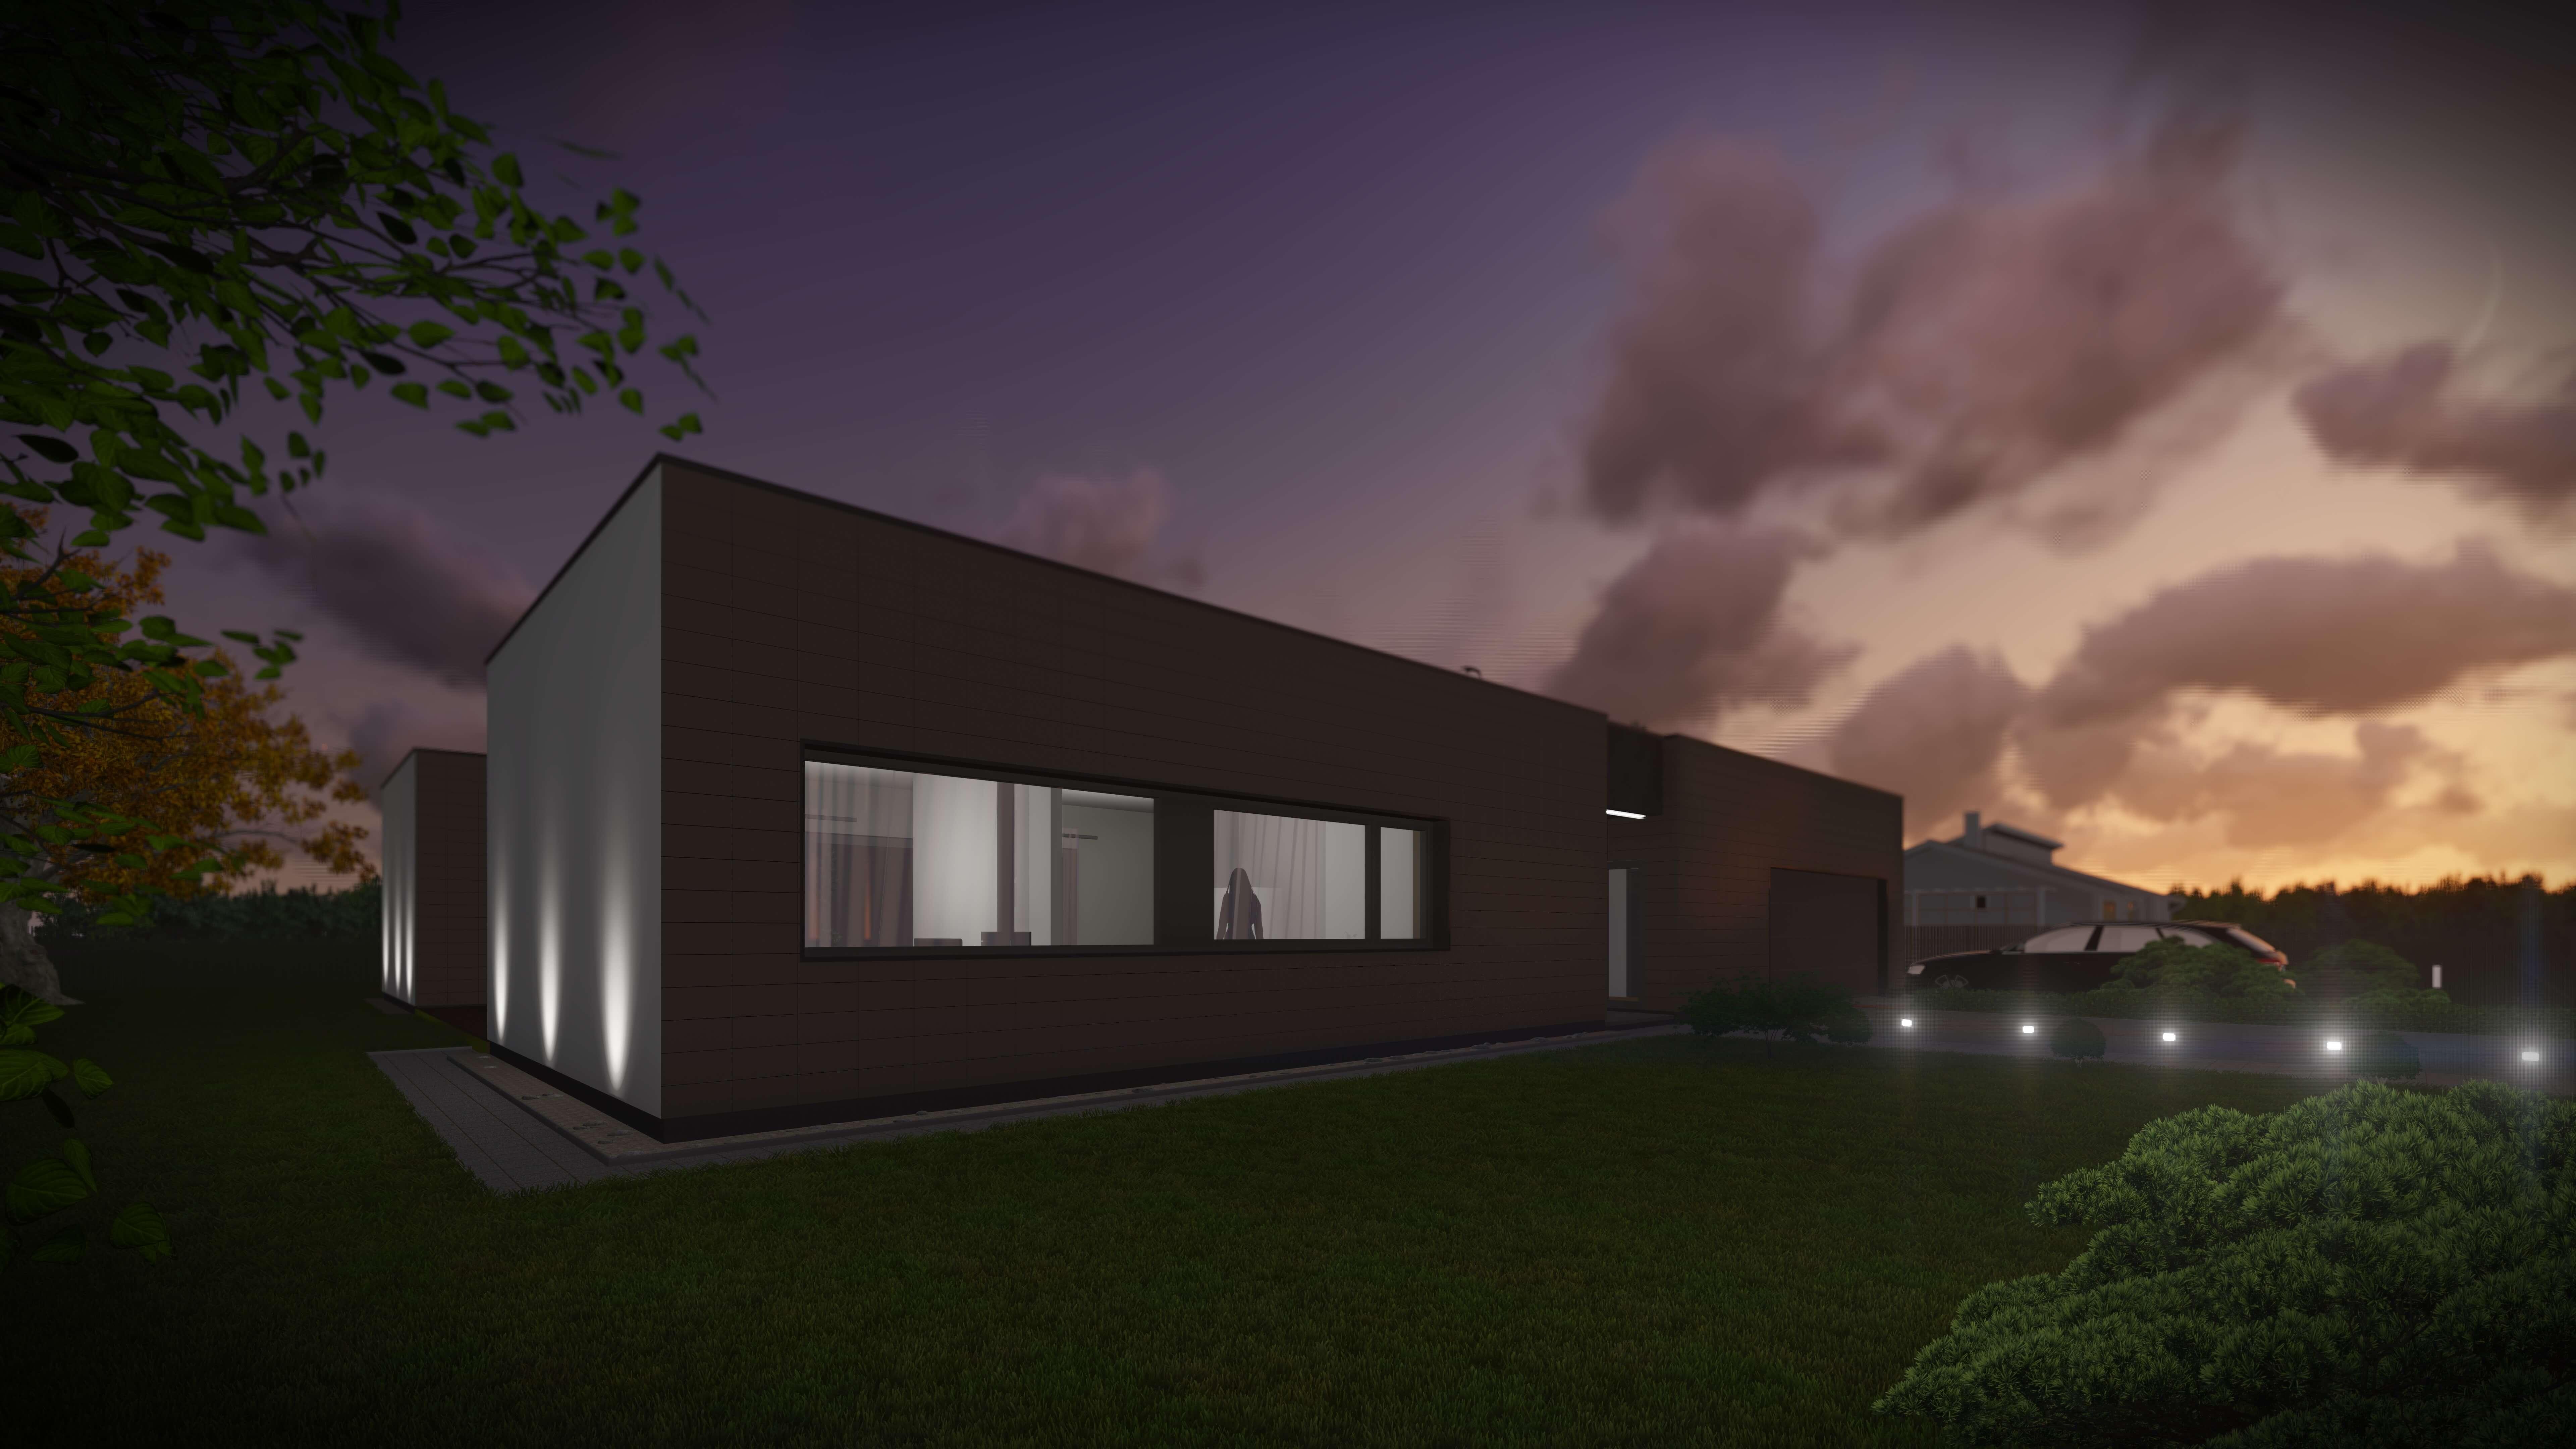 Slėnio g. 2, Stančiuose, gyvenamojo namo projektas